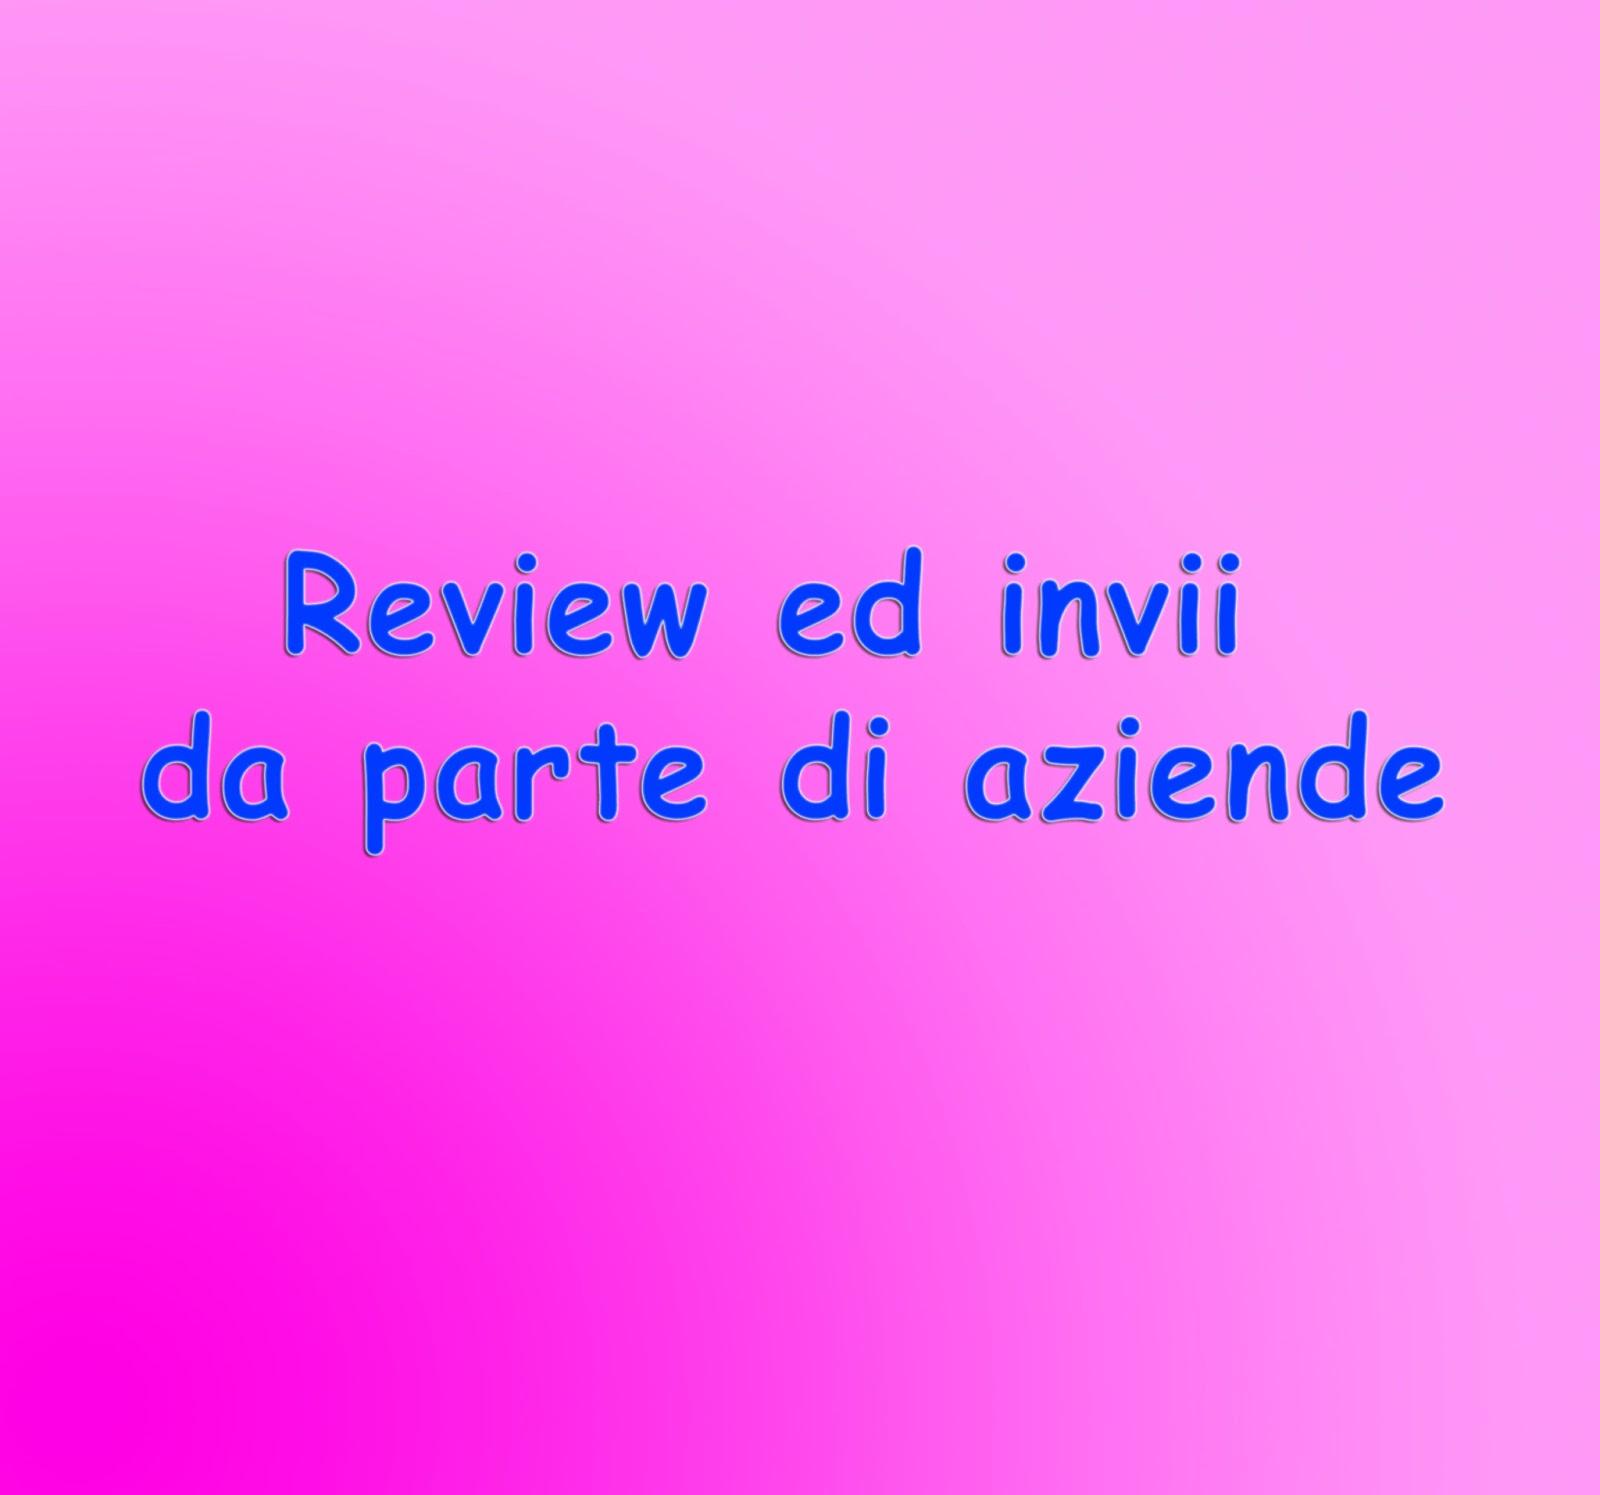 http://adelepasquariello.blogspot.it/2014/02/review-ed-invii-da-parte-di-aziende.html